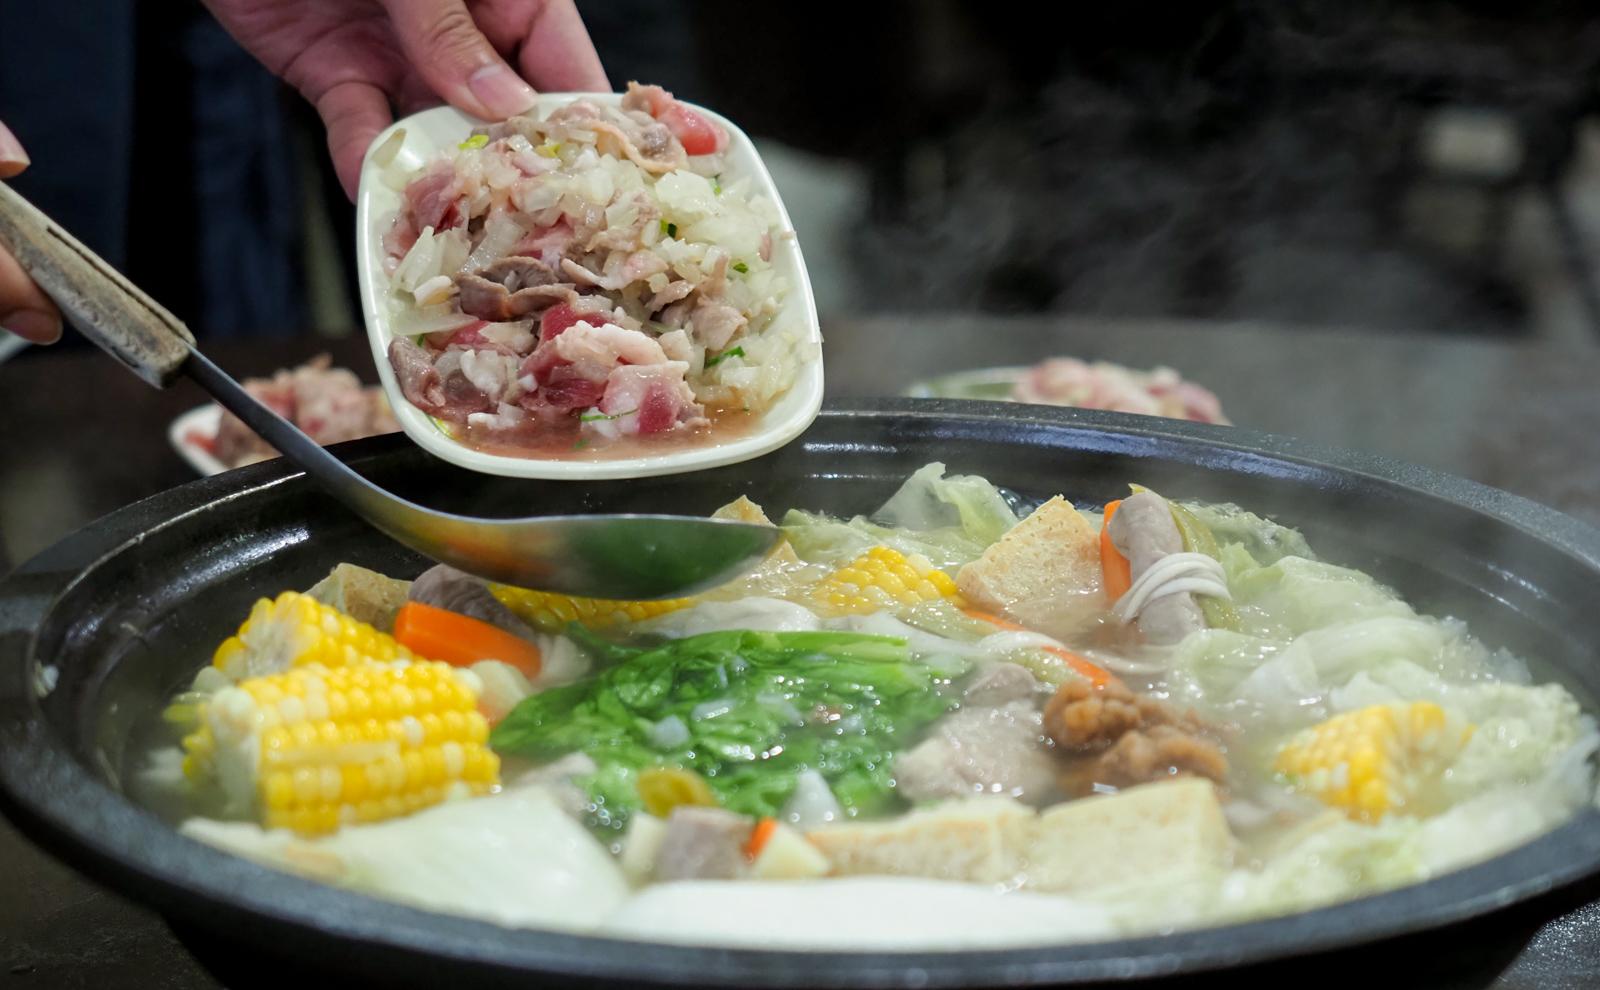 【金山美食】福緣石頭火鍋  湯頭千變萬化隨時都在走  便宜美味石頭火鍋推薦